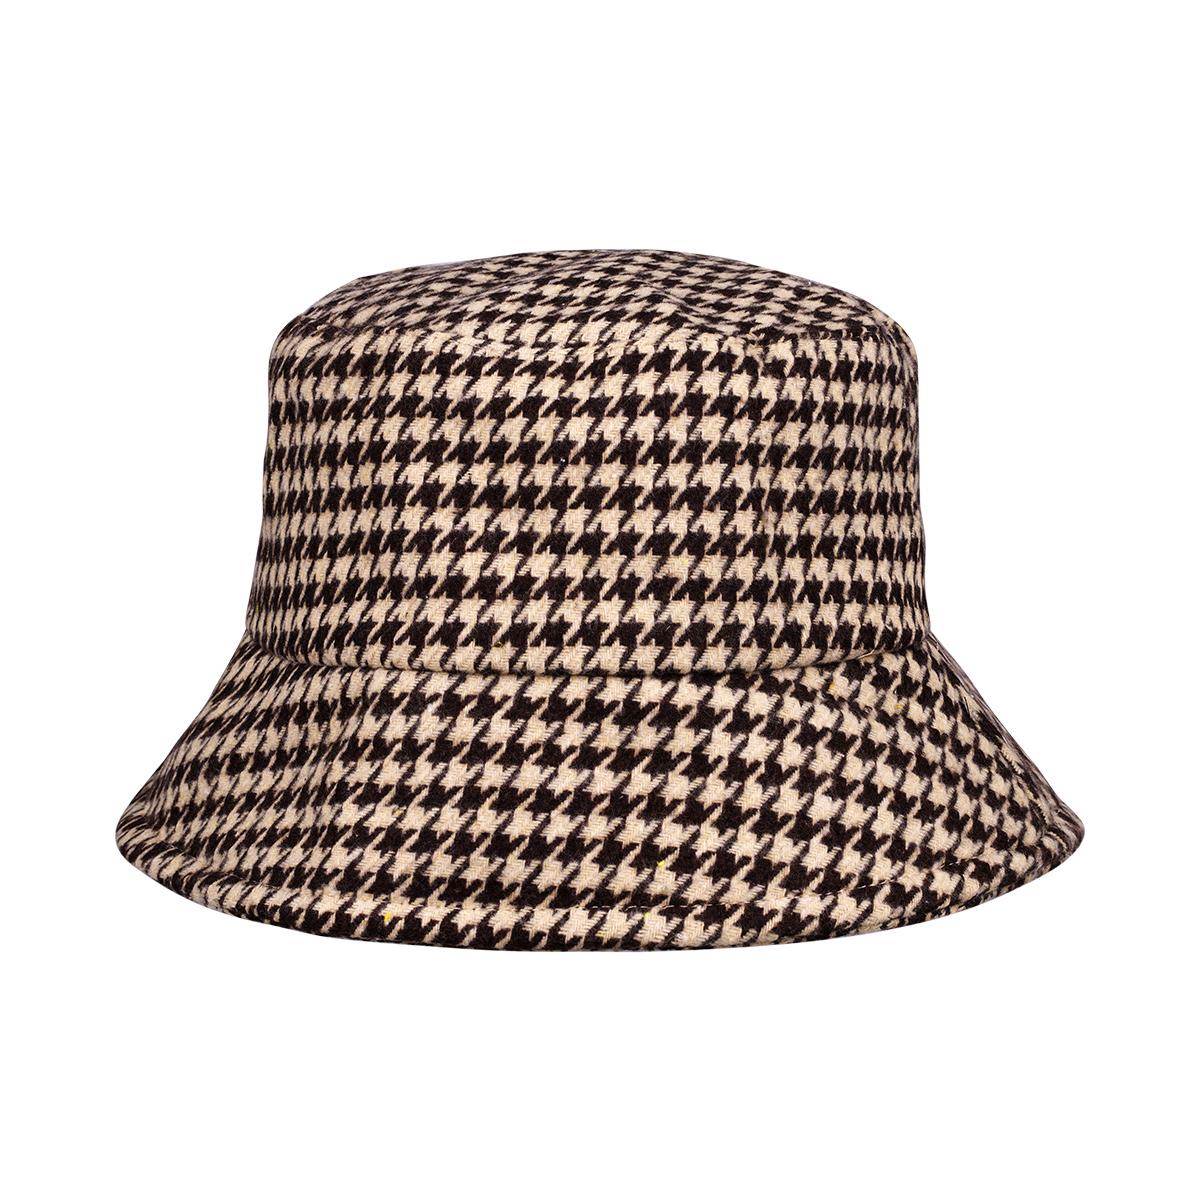 Sombrero de pescador a cuadros